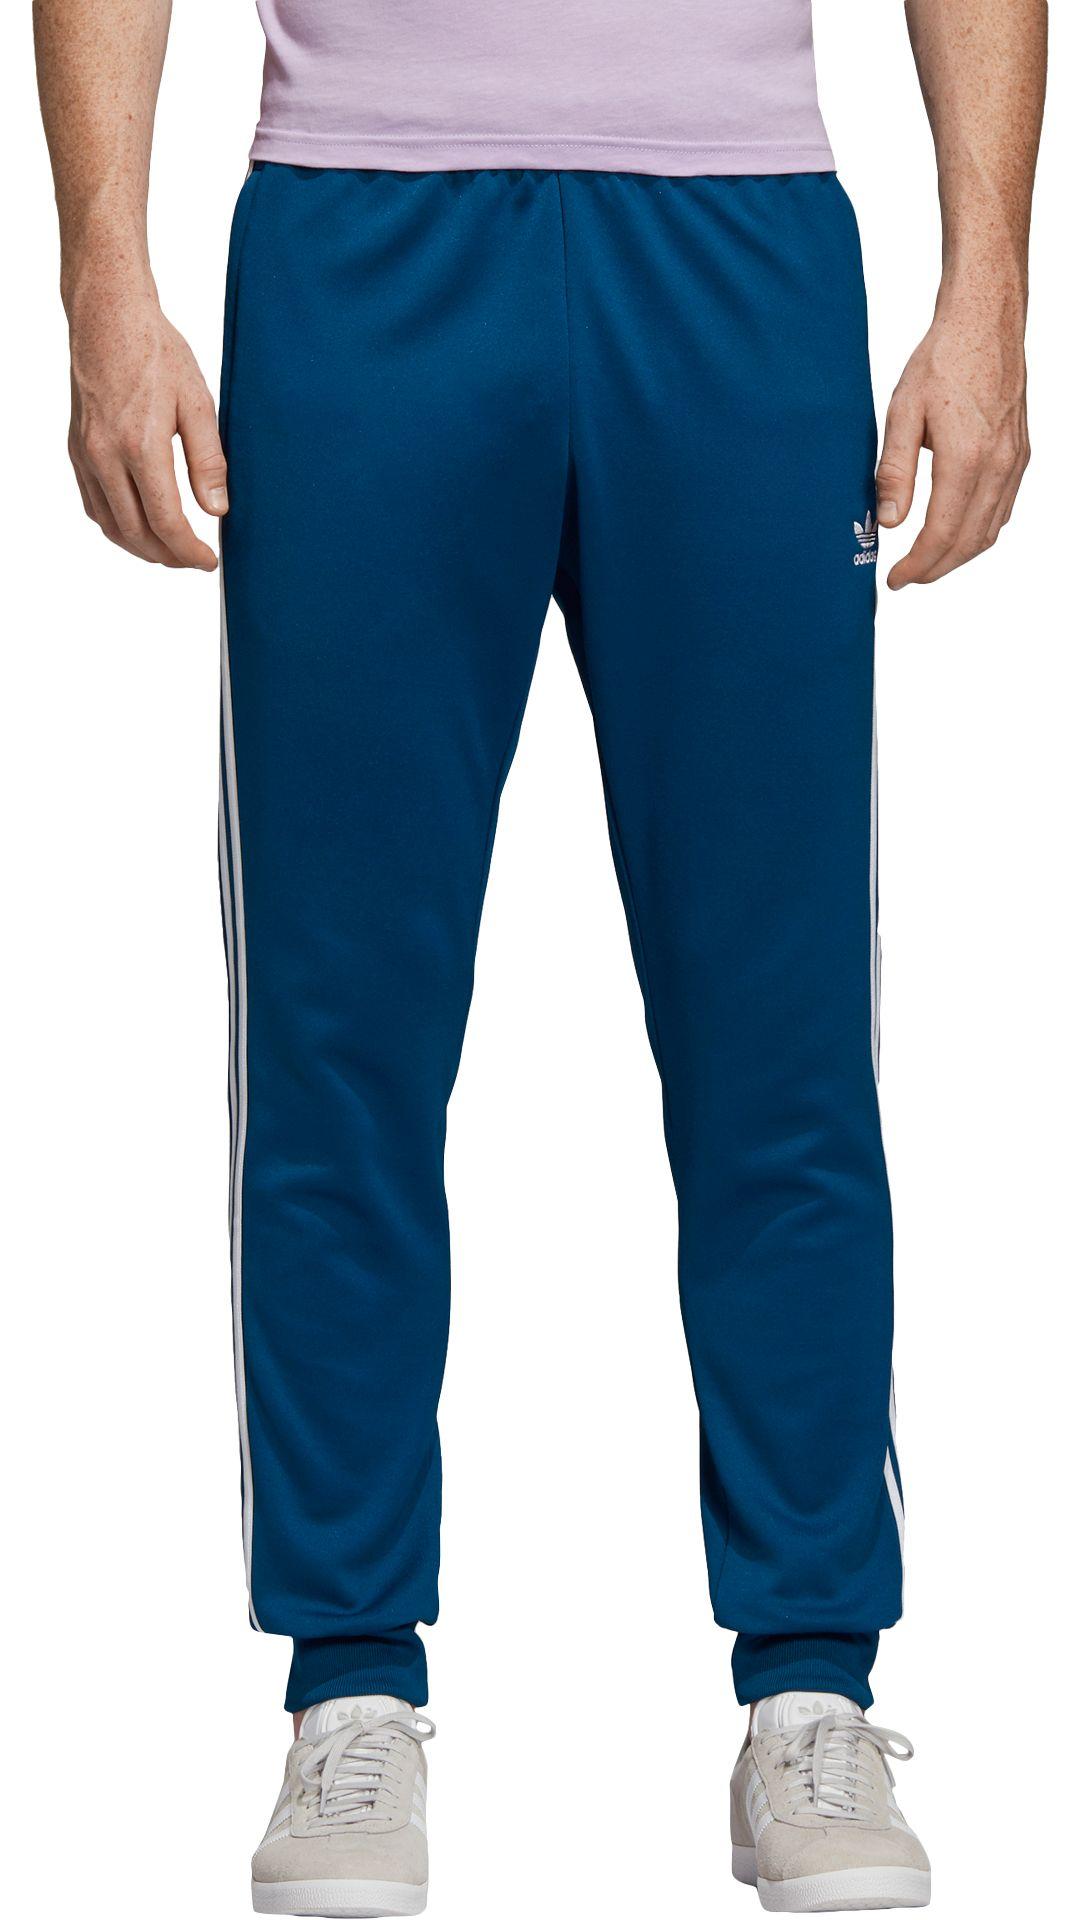 cheap for discount 61793 e27c0 adidas Originals Men's Superstar Track Jogger Pants